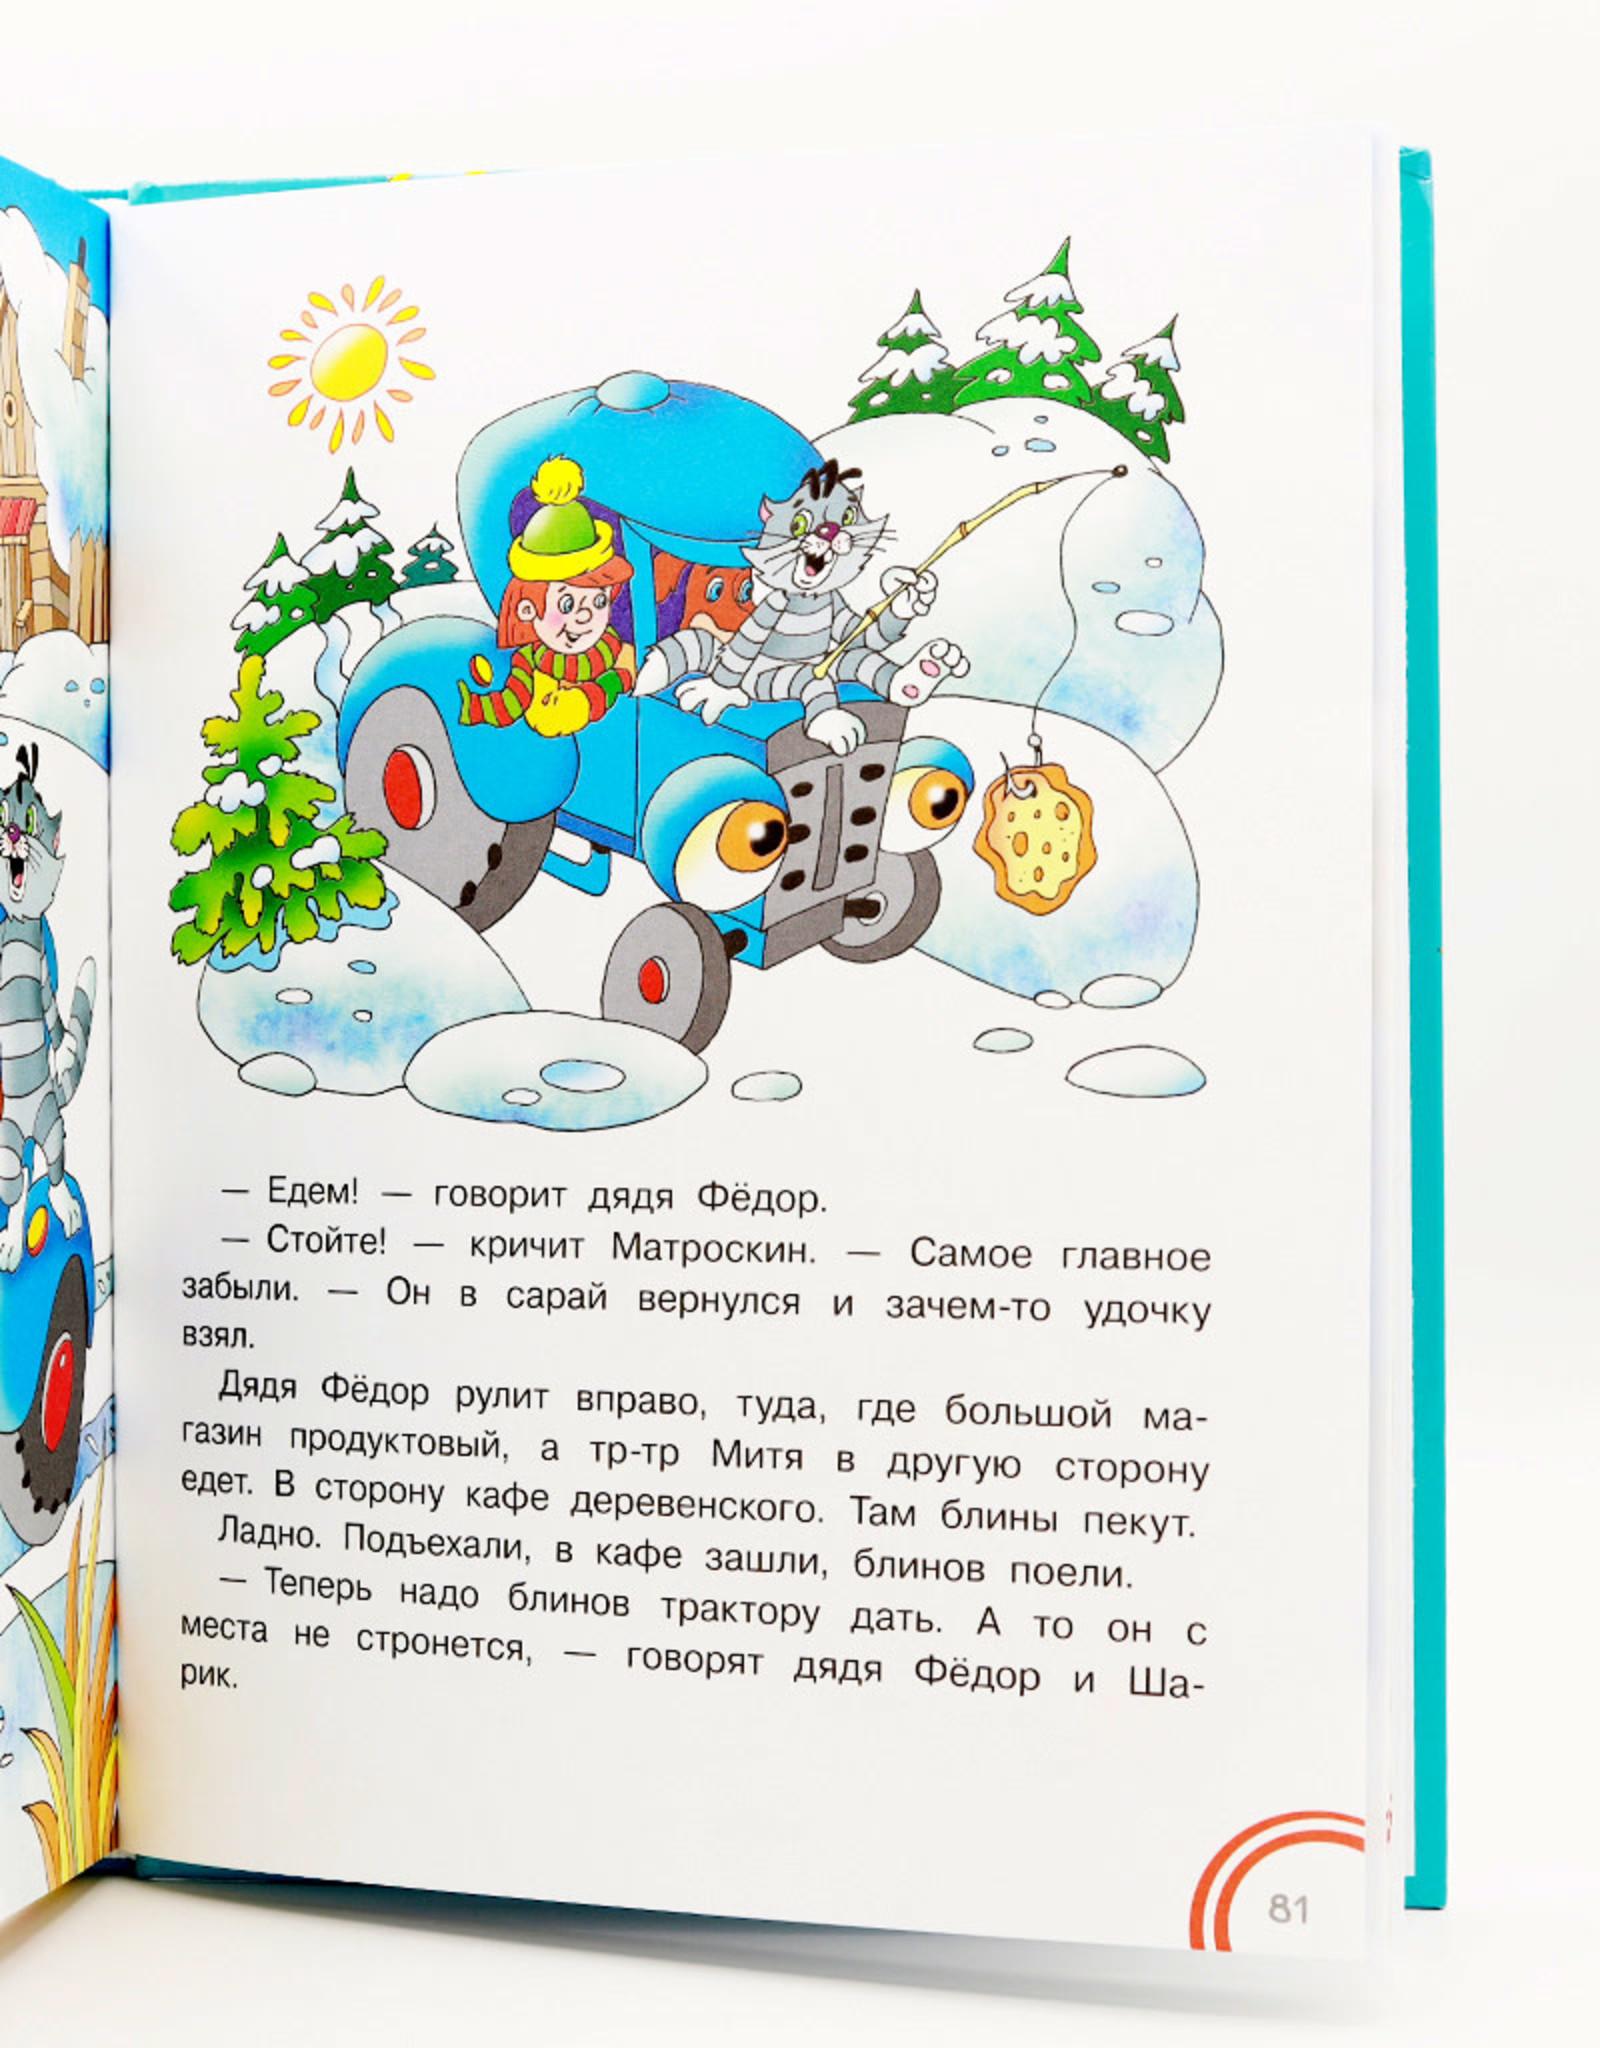 Дядя Фёдор, пёс и кот в деревне Простоквашино